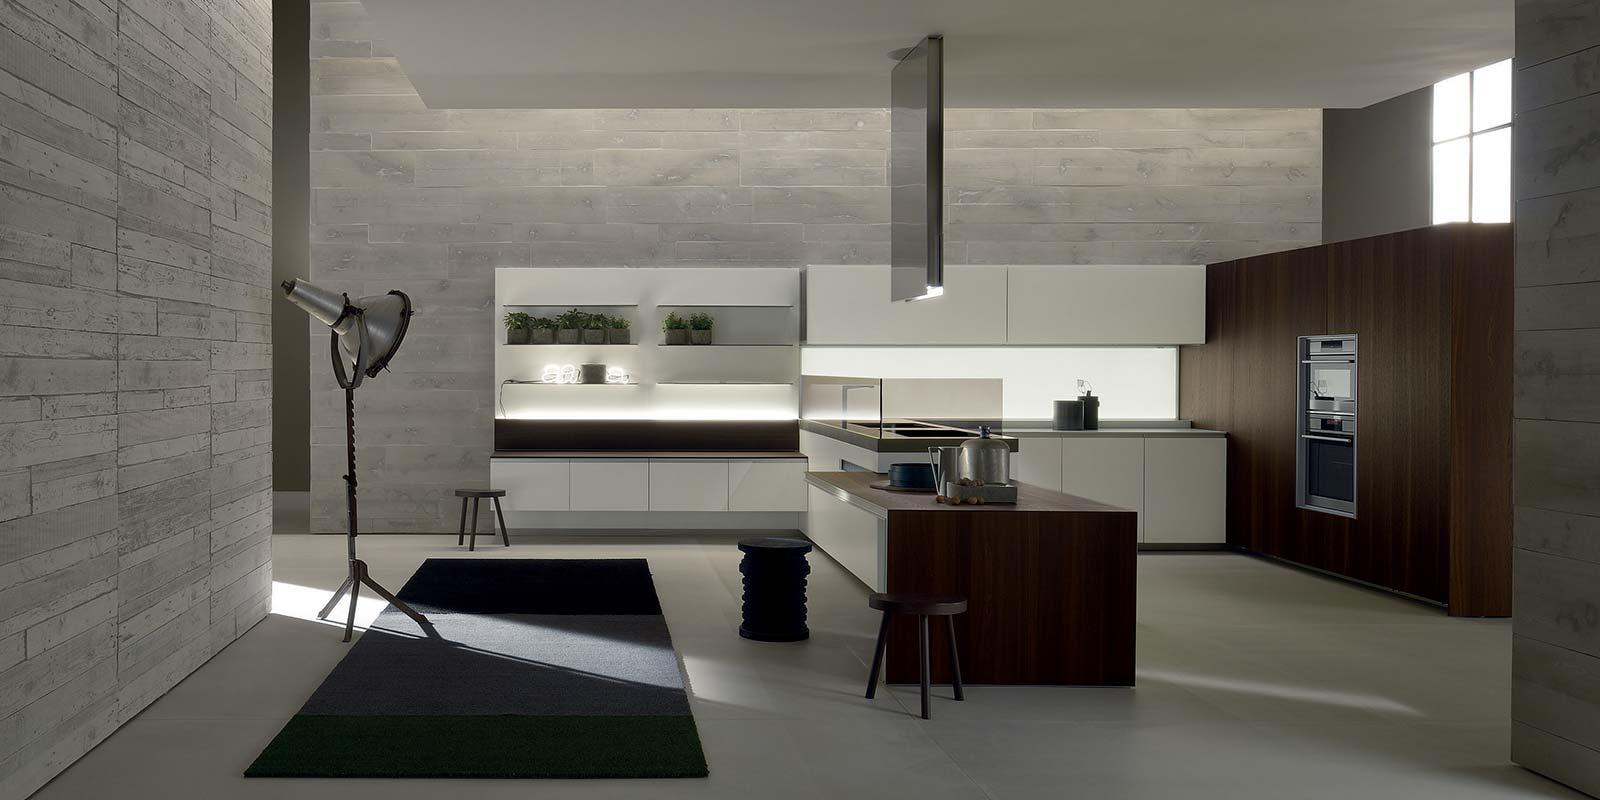 Montella prisma arredo arredamento e mobili per la casa for Arredo minimal home